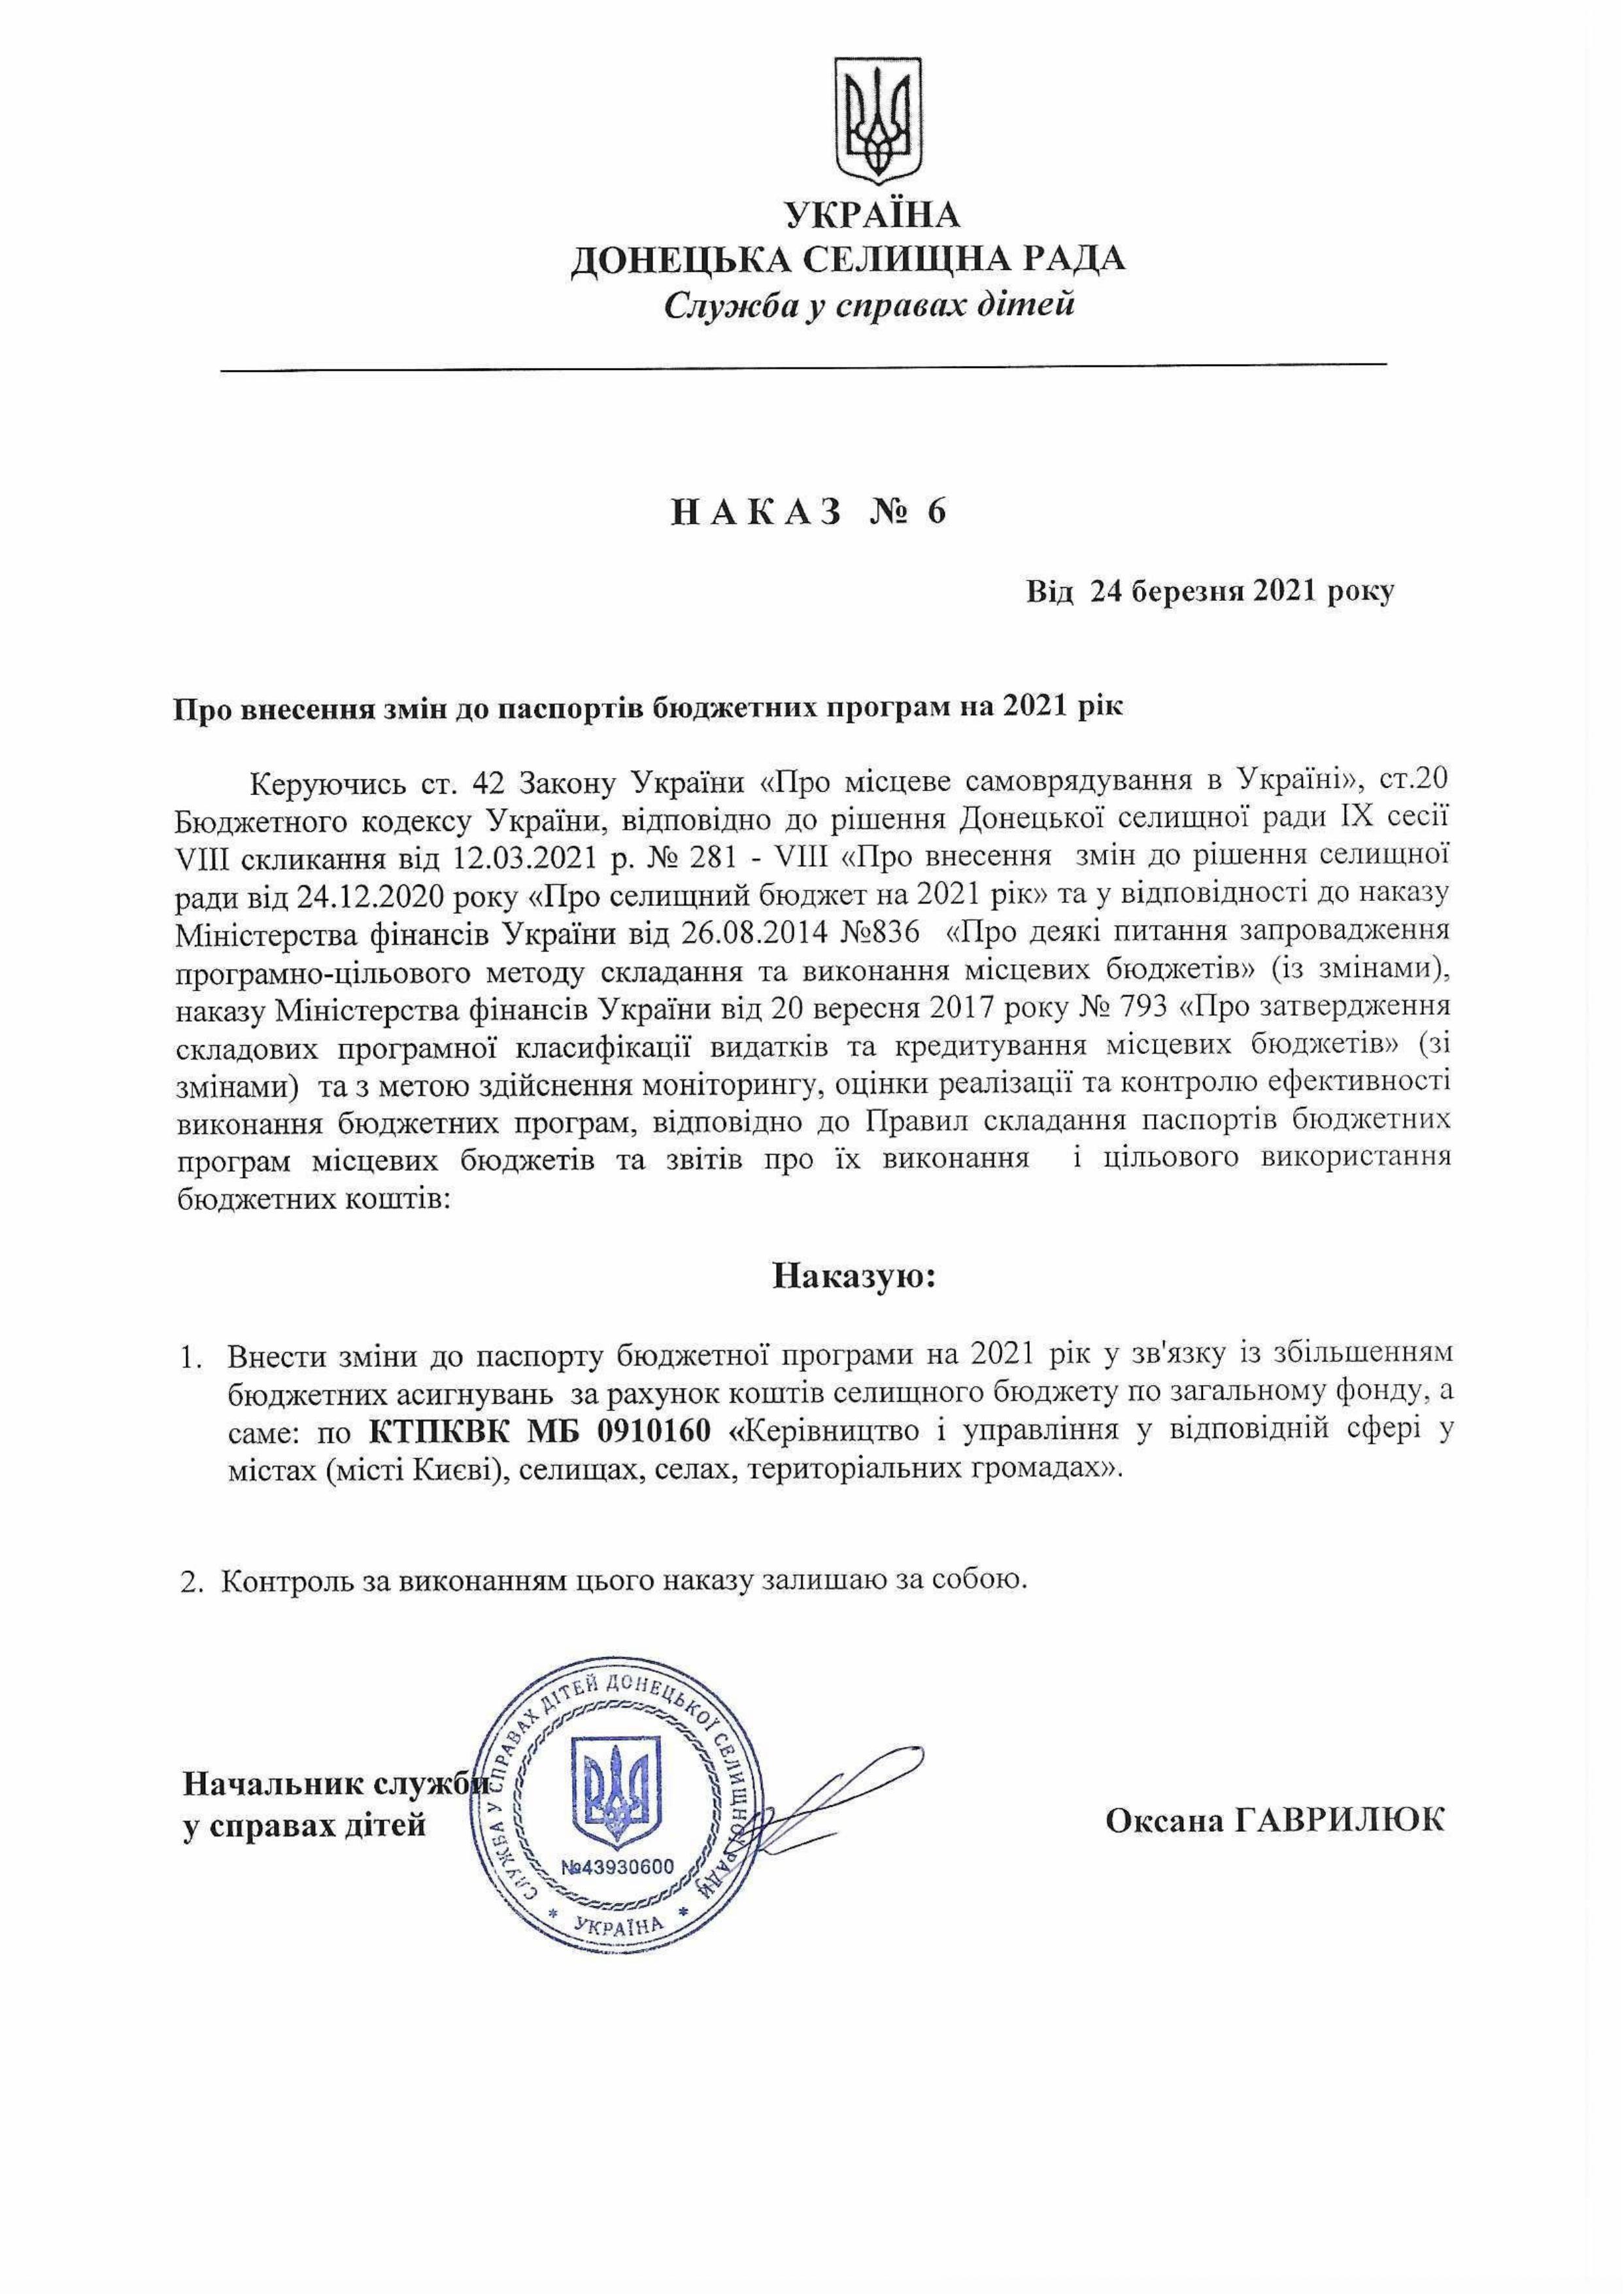 Наказ №6 Про внесення змін та ПАСПОРТ бюджетної програми місцевого бюджету на 2021 рік